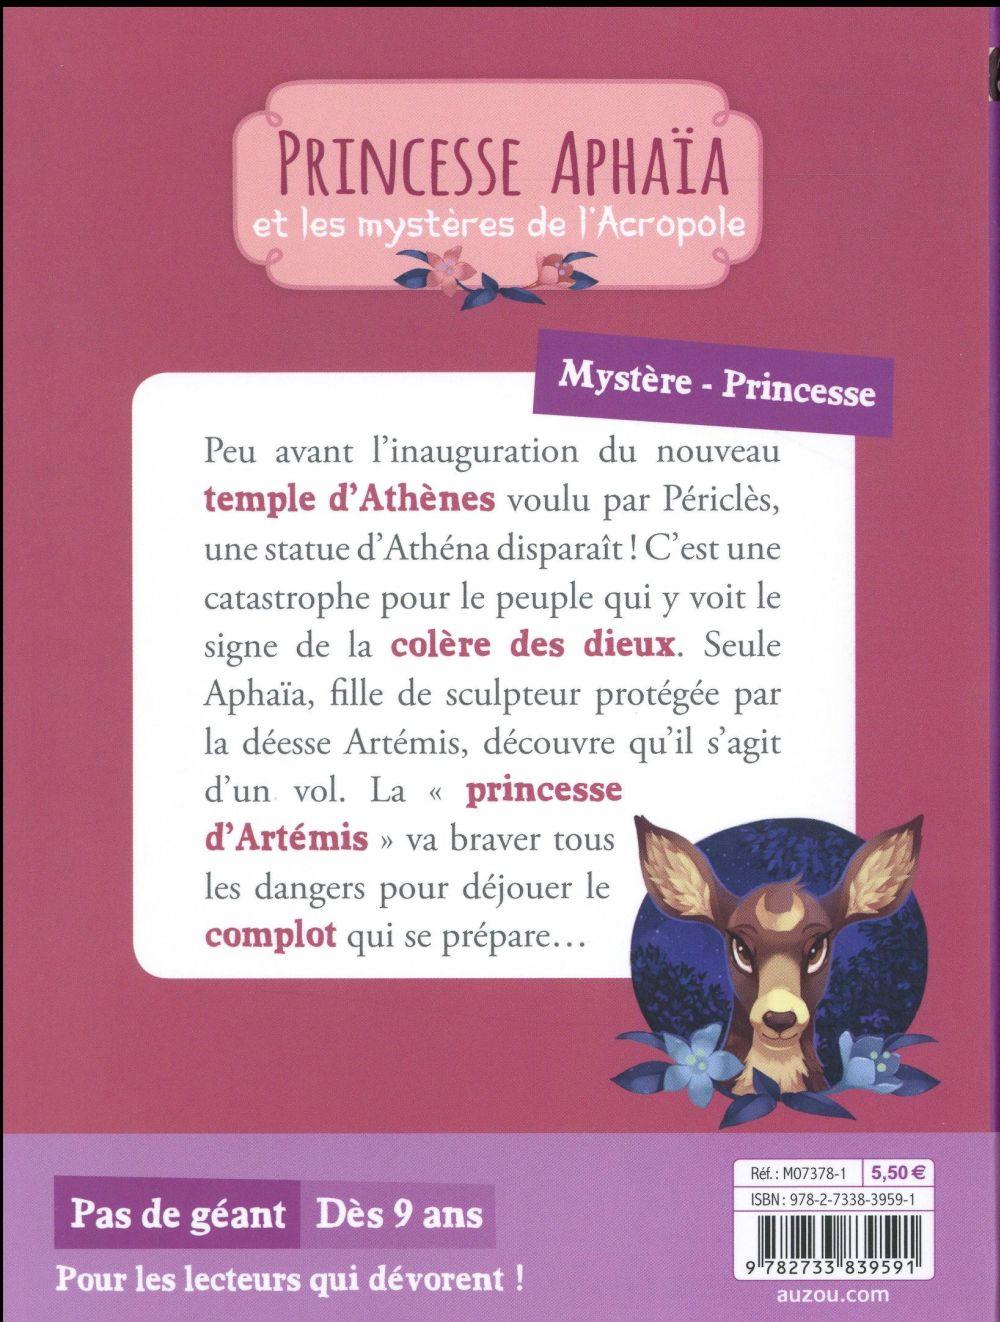 Princesse Aphaïa et les mystères de l'Acropole